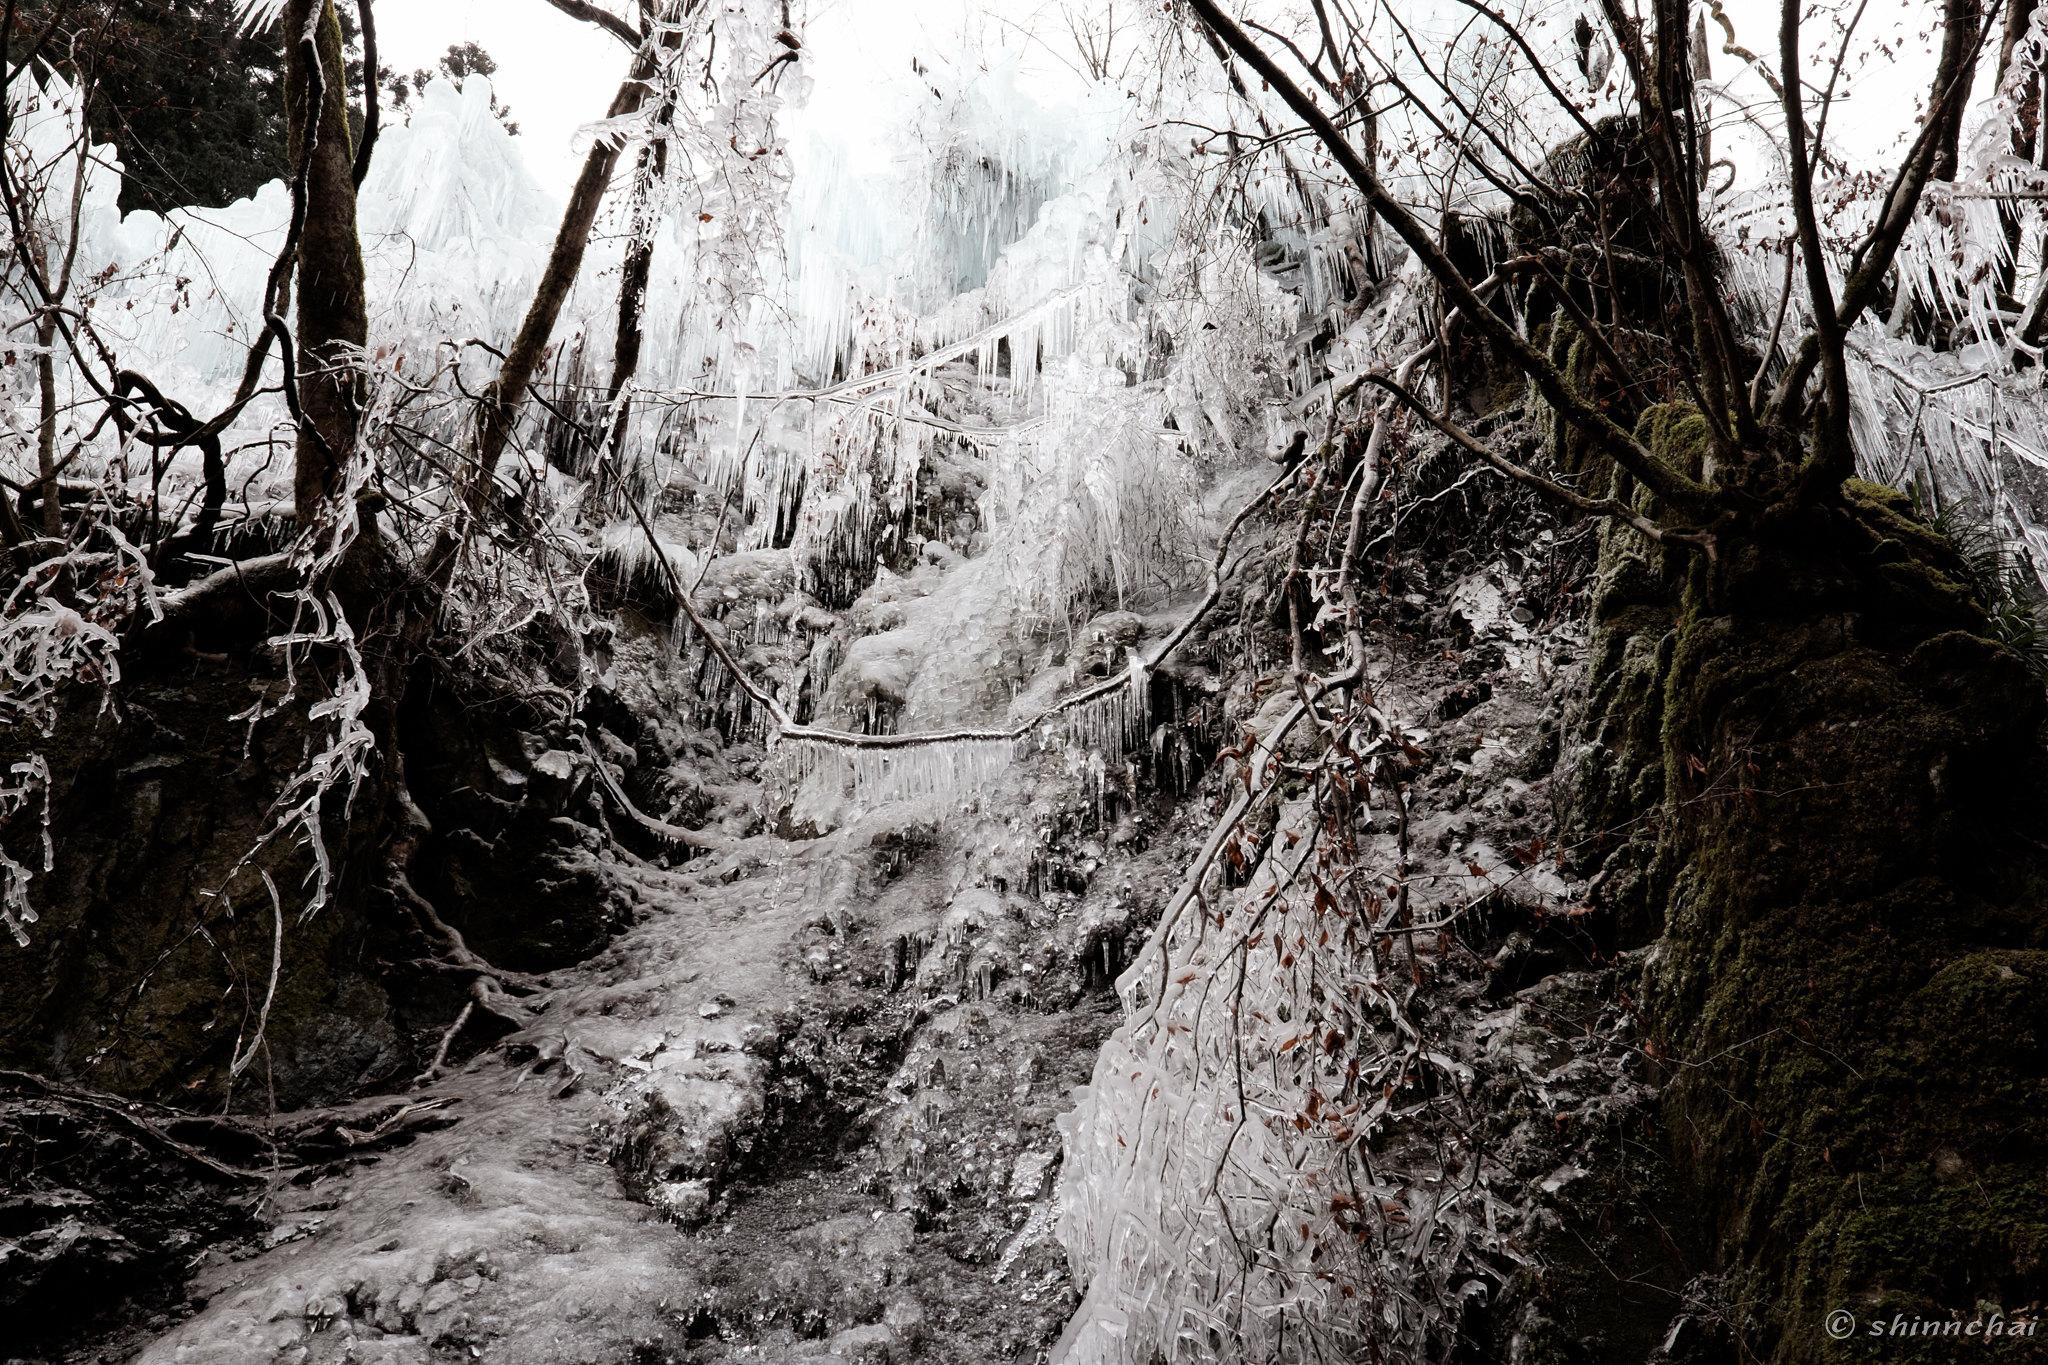 2月の撮影スポット 作例 絶景 尾ノ内百景氷柱 幻想的